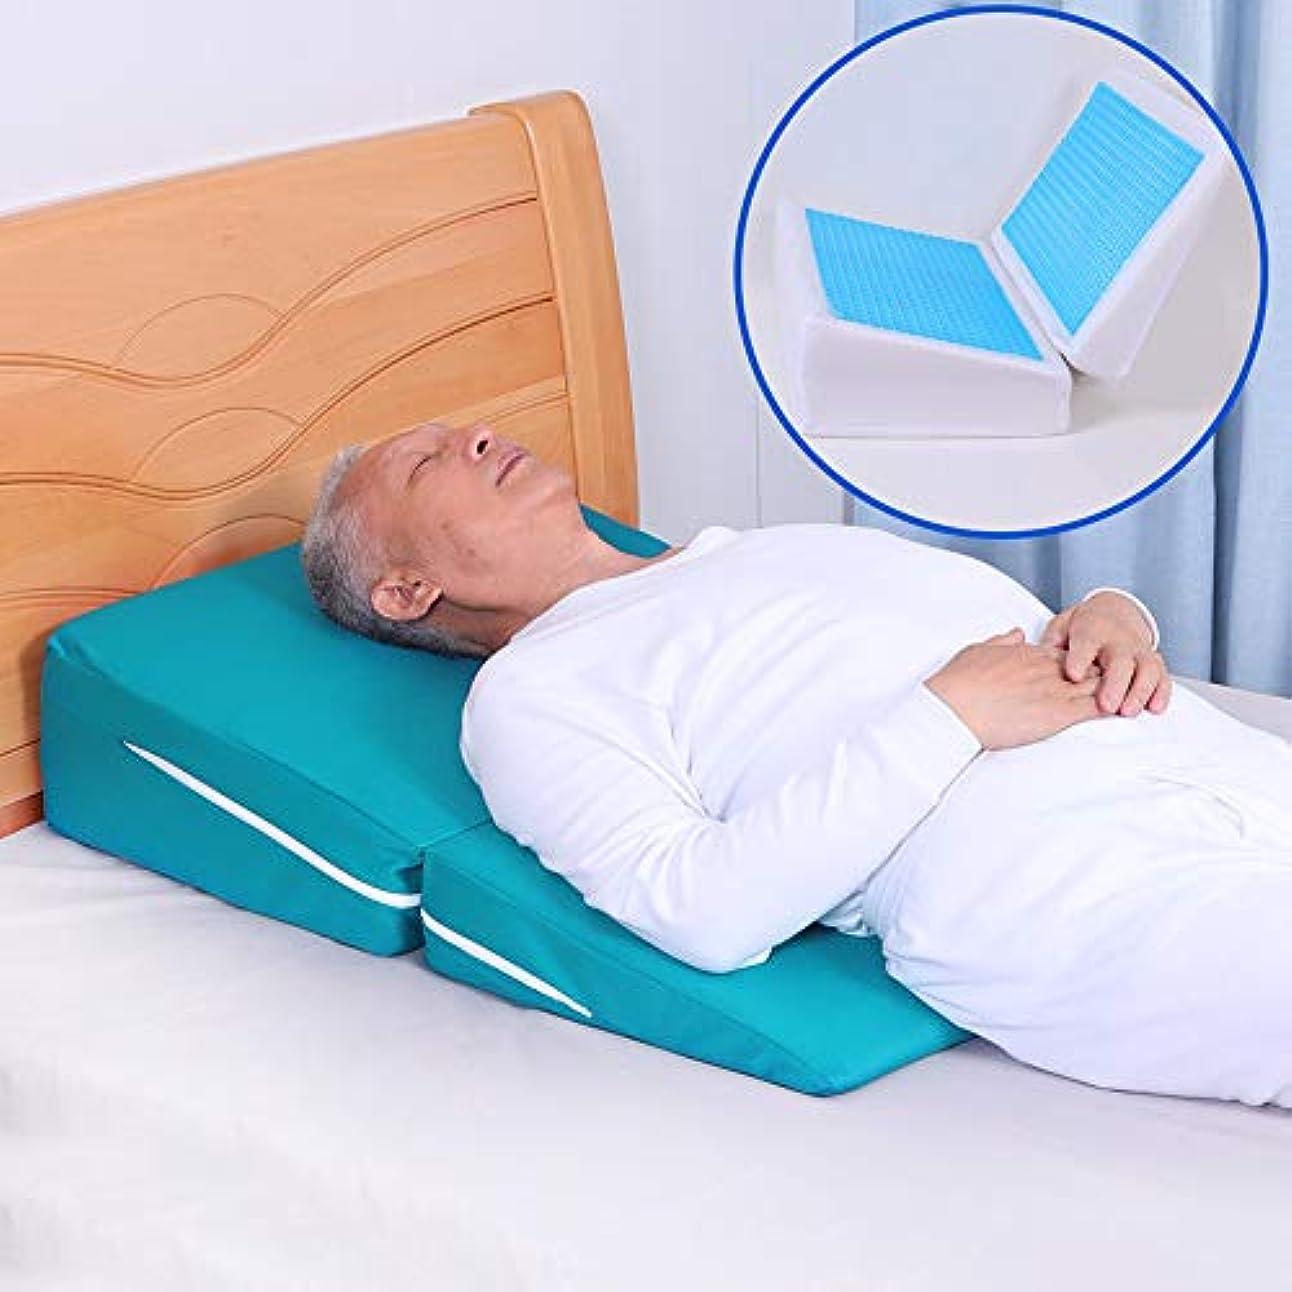 瞑想的アクセサリー同化するいびき防止、ハートバーン、読書、腰痛、腰痛のための折りたたみ式メモリフォームベッドウェッジピロー-取り外し可能なカバー付きインクラインクッション